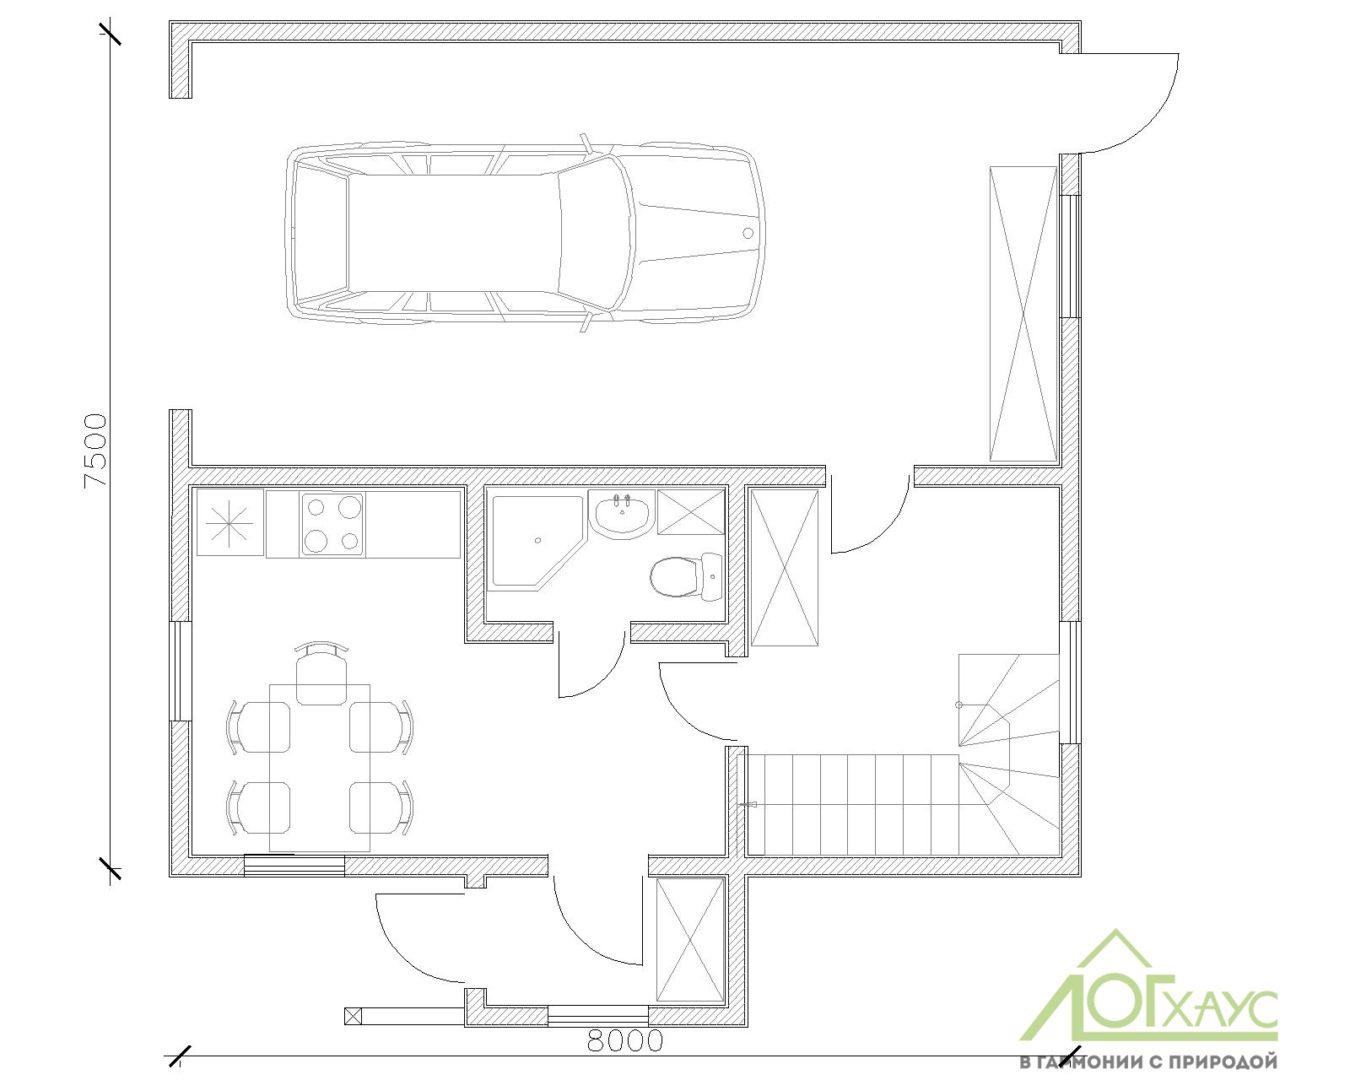 План первого этажа каркасного дома для охраны